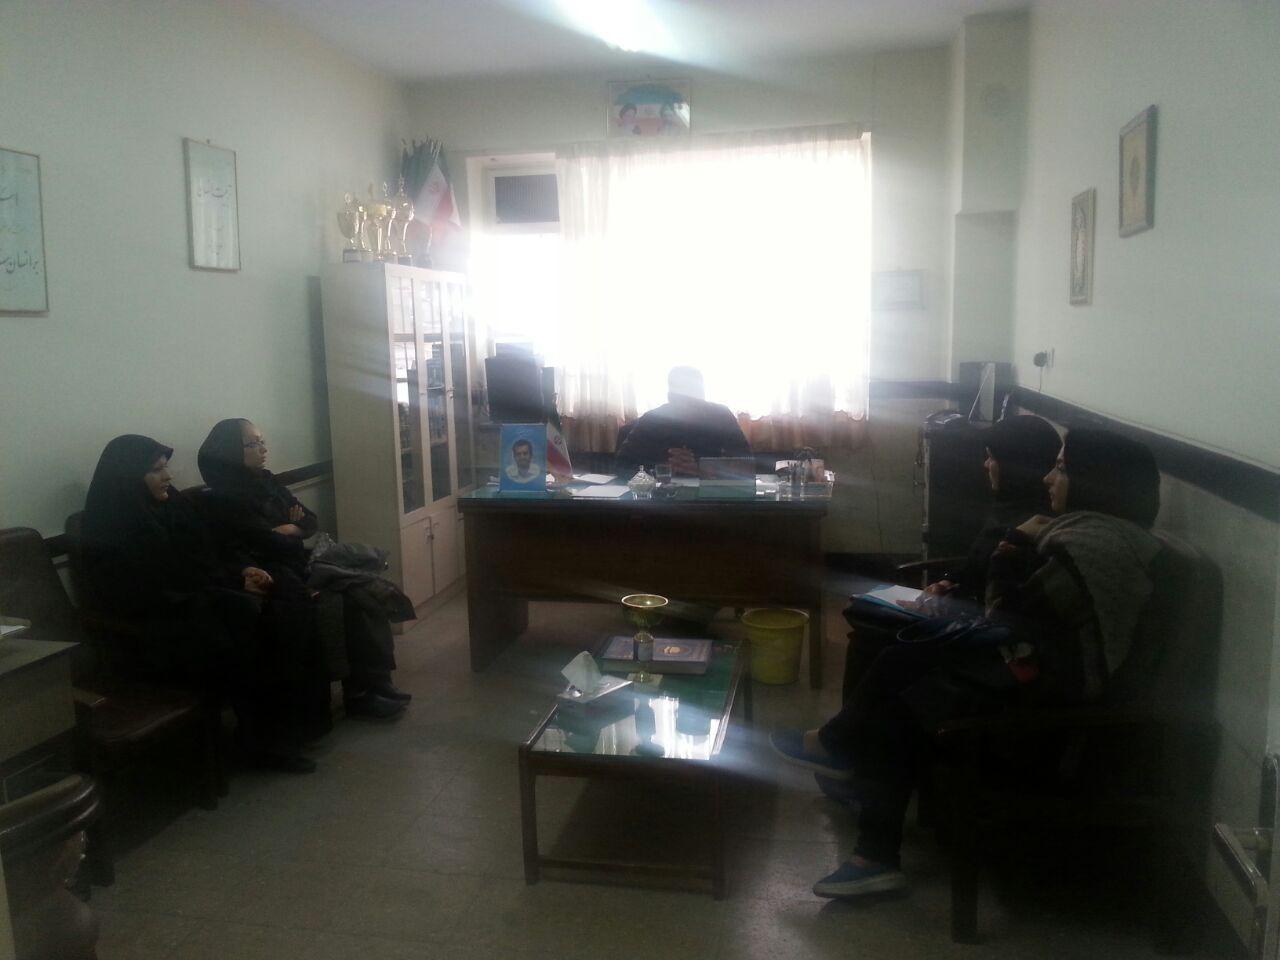 جلسه ی انجمن اولیای مدرسه با مدیریت دبیرستان شهدای صنف گردبافان برگزار شد